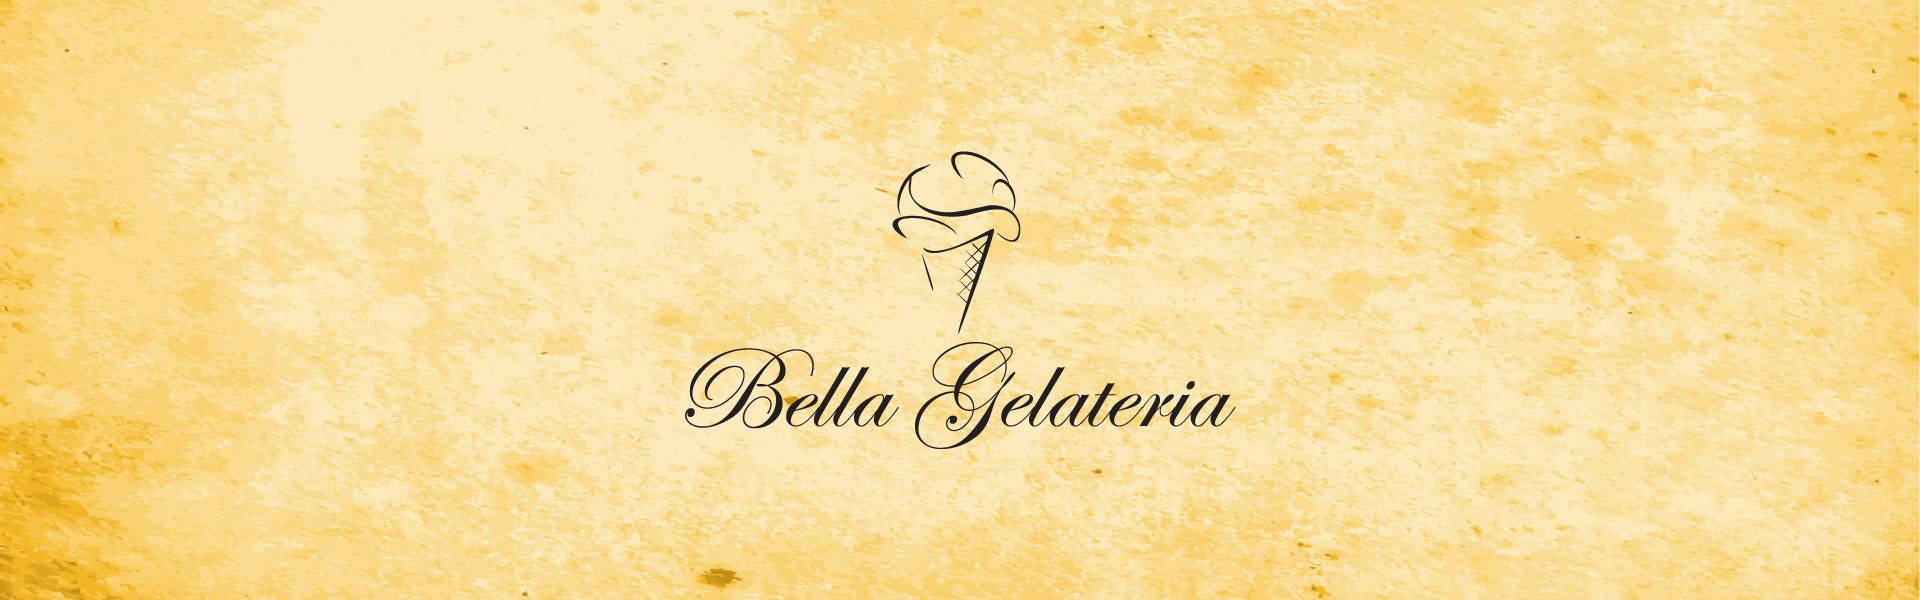 bella-gelateria-design-by-mapleweb-vancouver-canada-header-image